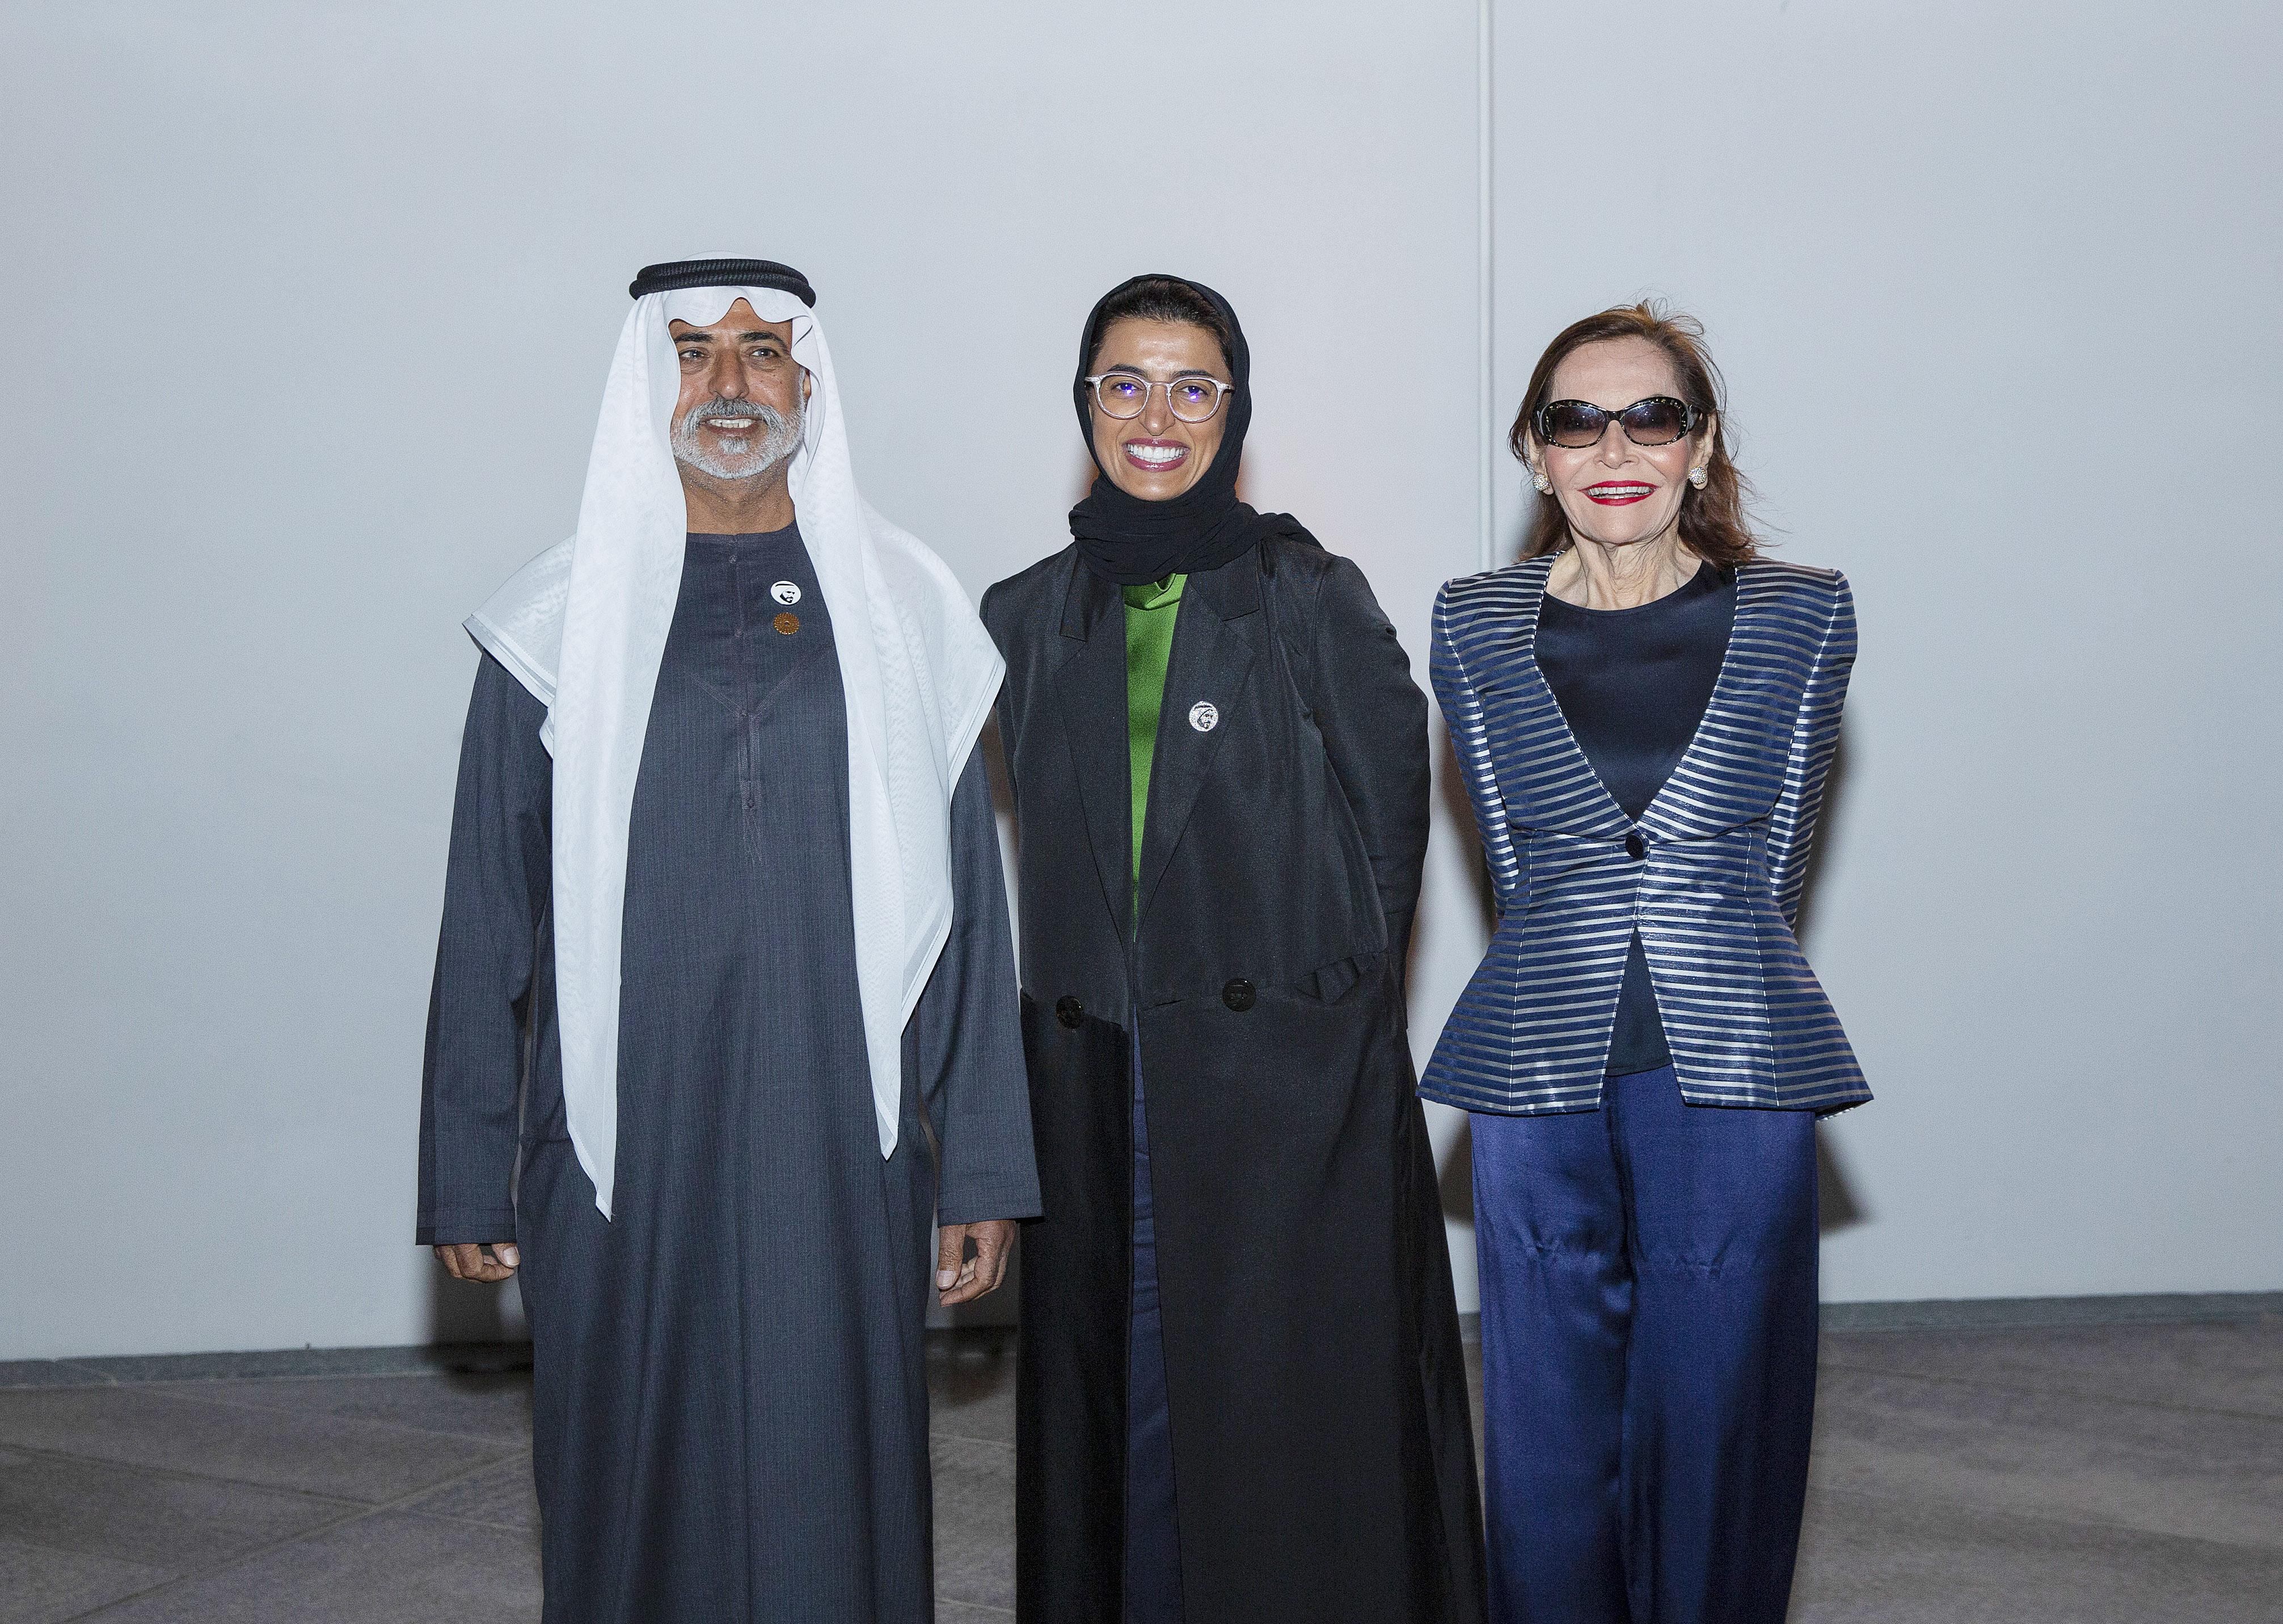 Sheikh Nahayan Bin Mubarak Al Nahayan, Noura Al Kaabi and Judith Price.